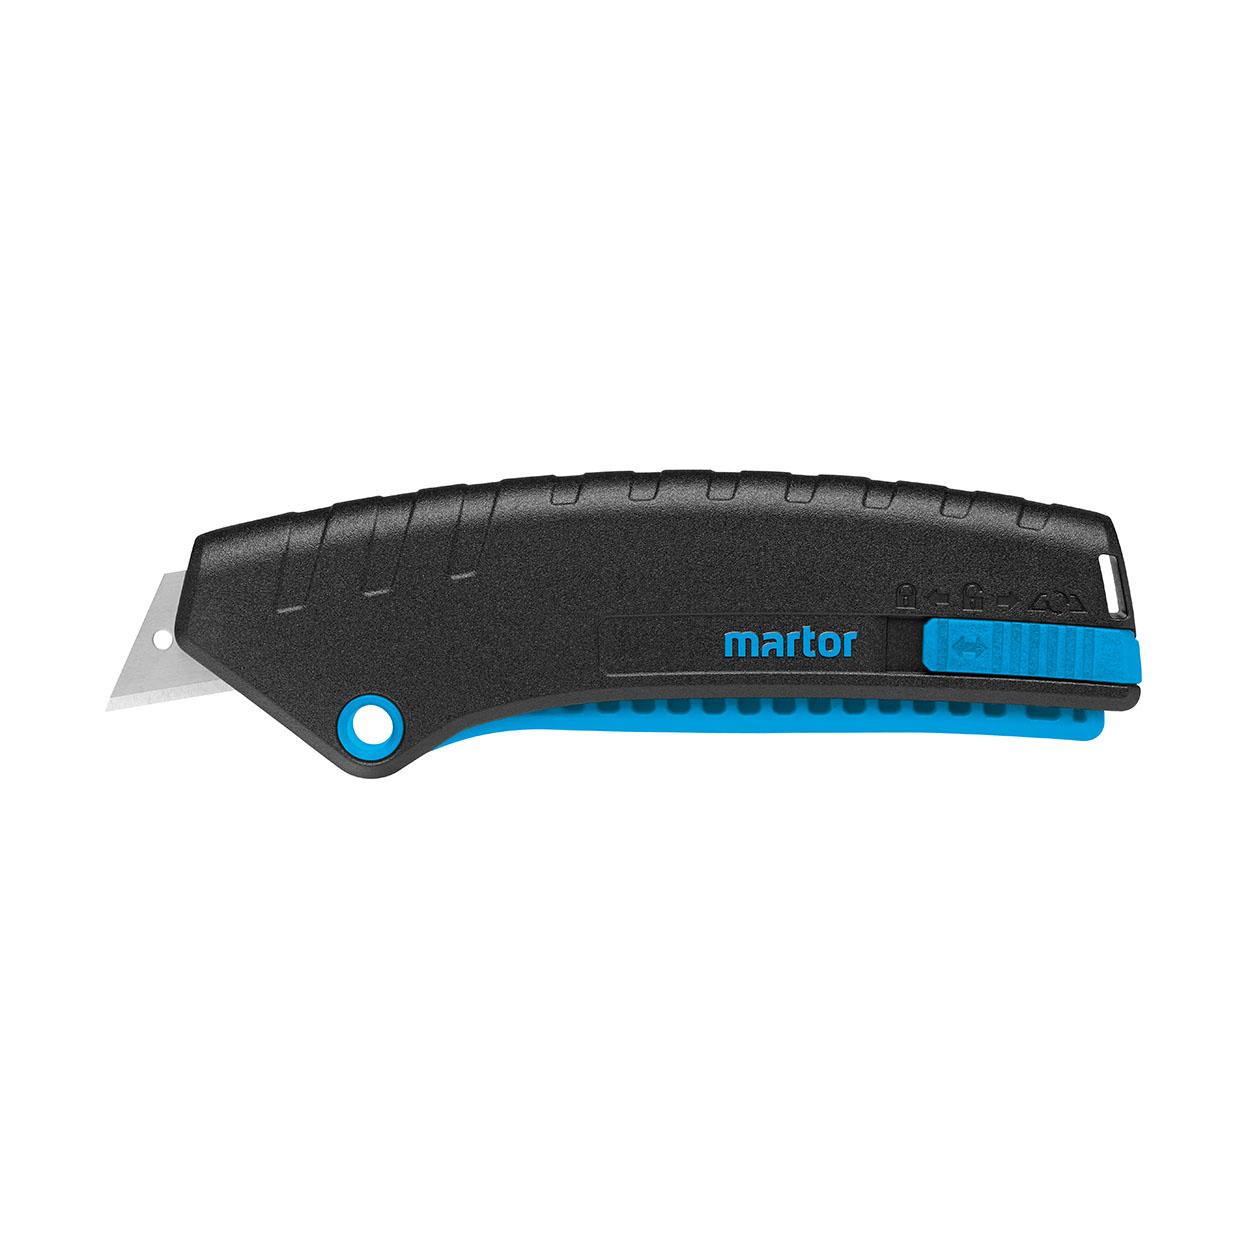 SECUNORM MIZAR - Lehký bezpečnostní nůž s páčkovým mechanism